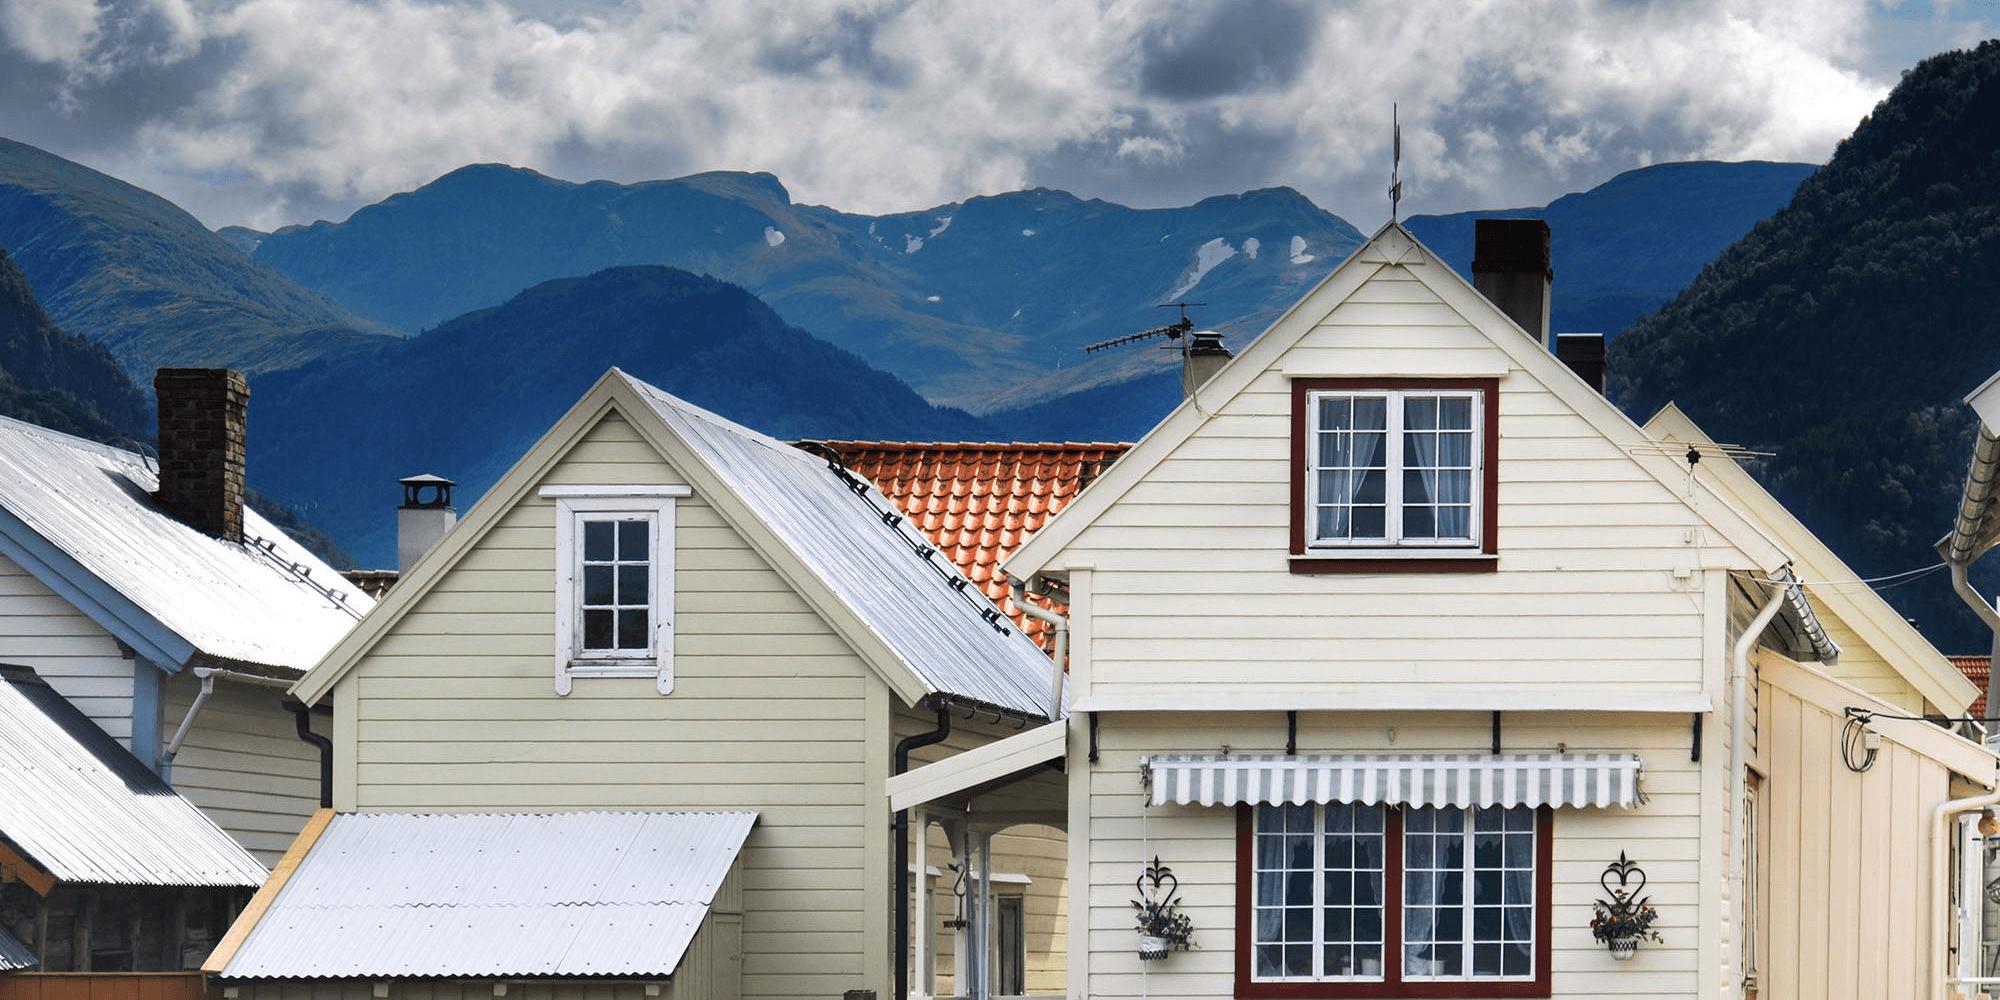 Illustrasjonsbilde: Bilde av norske trehus med fjell i bakgrunnen